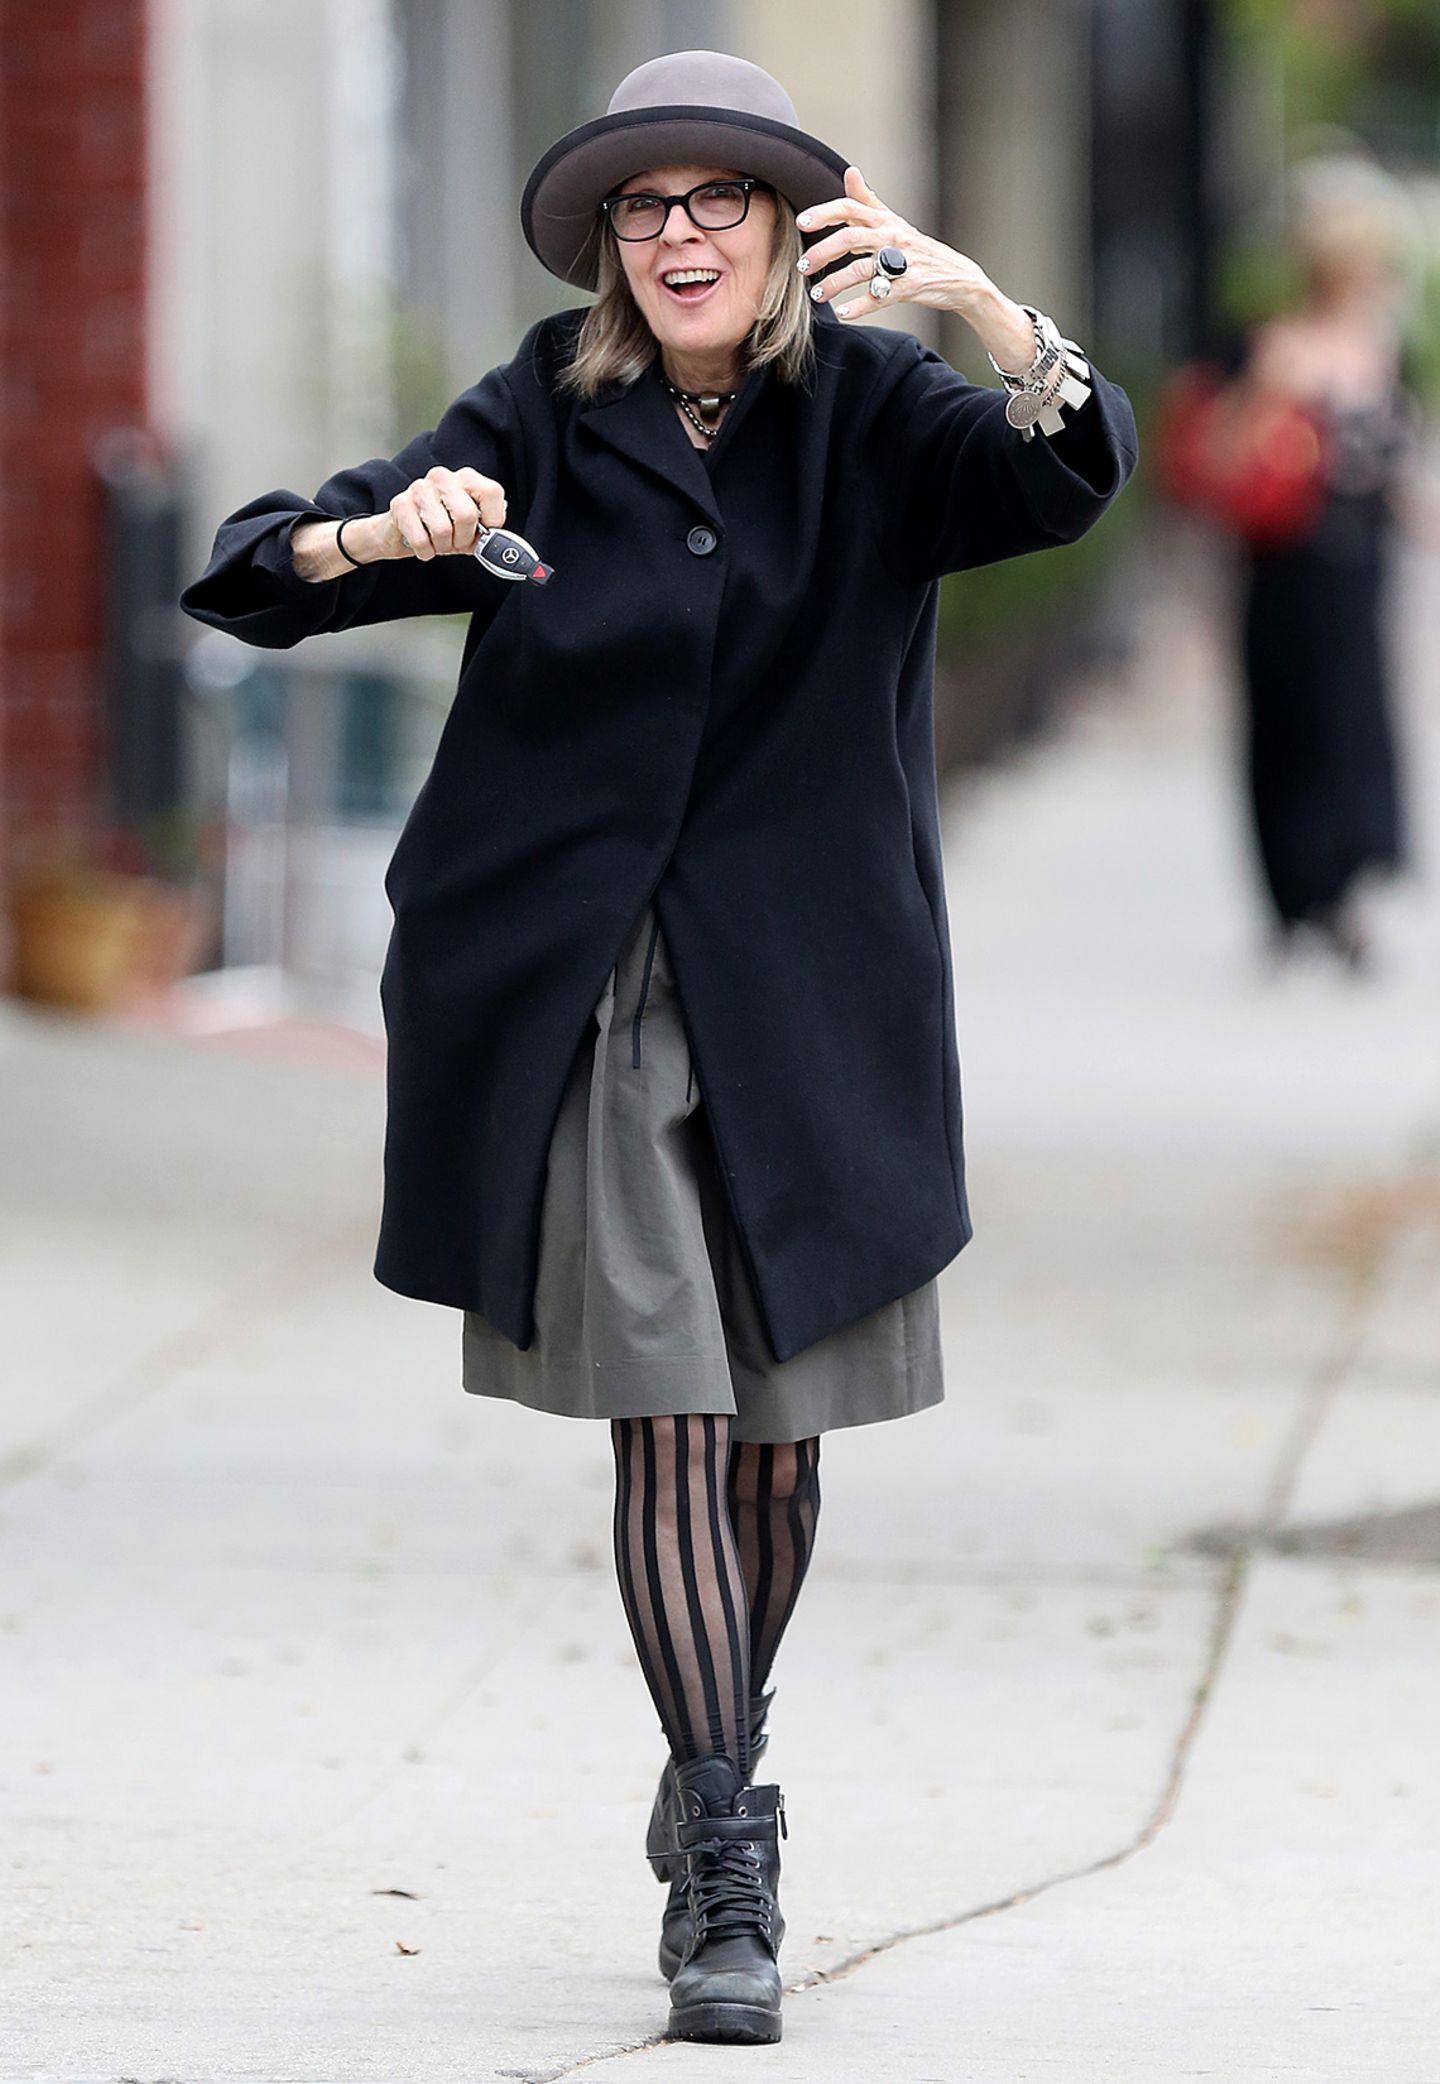 Hollywoodstar Diane Keaton kombiniert ihren schwarzen Eggshape-Mantel mit einem grauen Hut, gestreifter Strumpfhose und derben Schnürstiefeln.